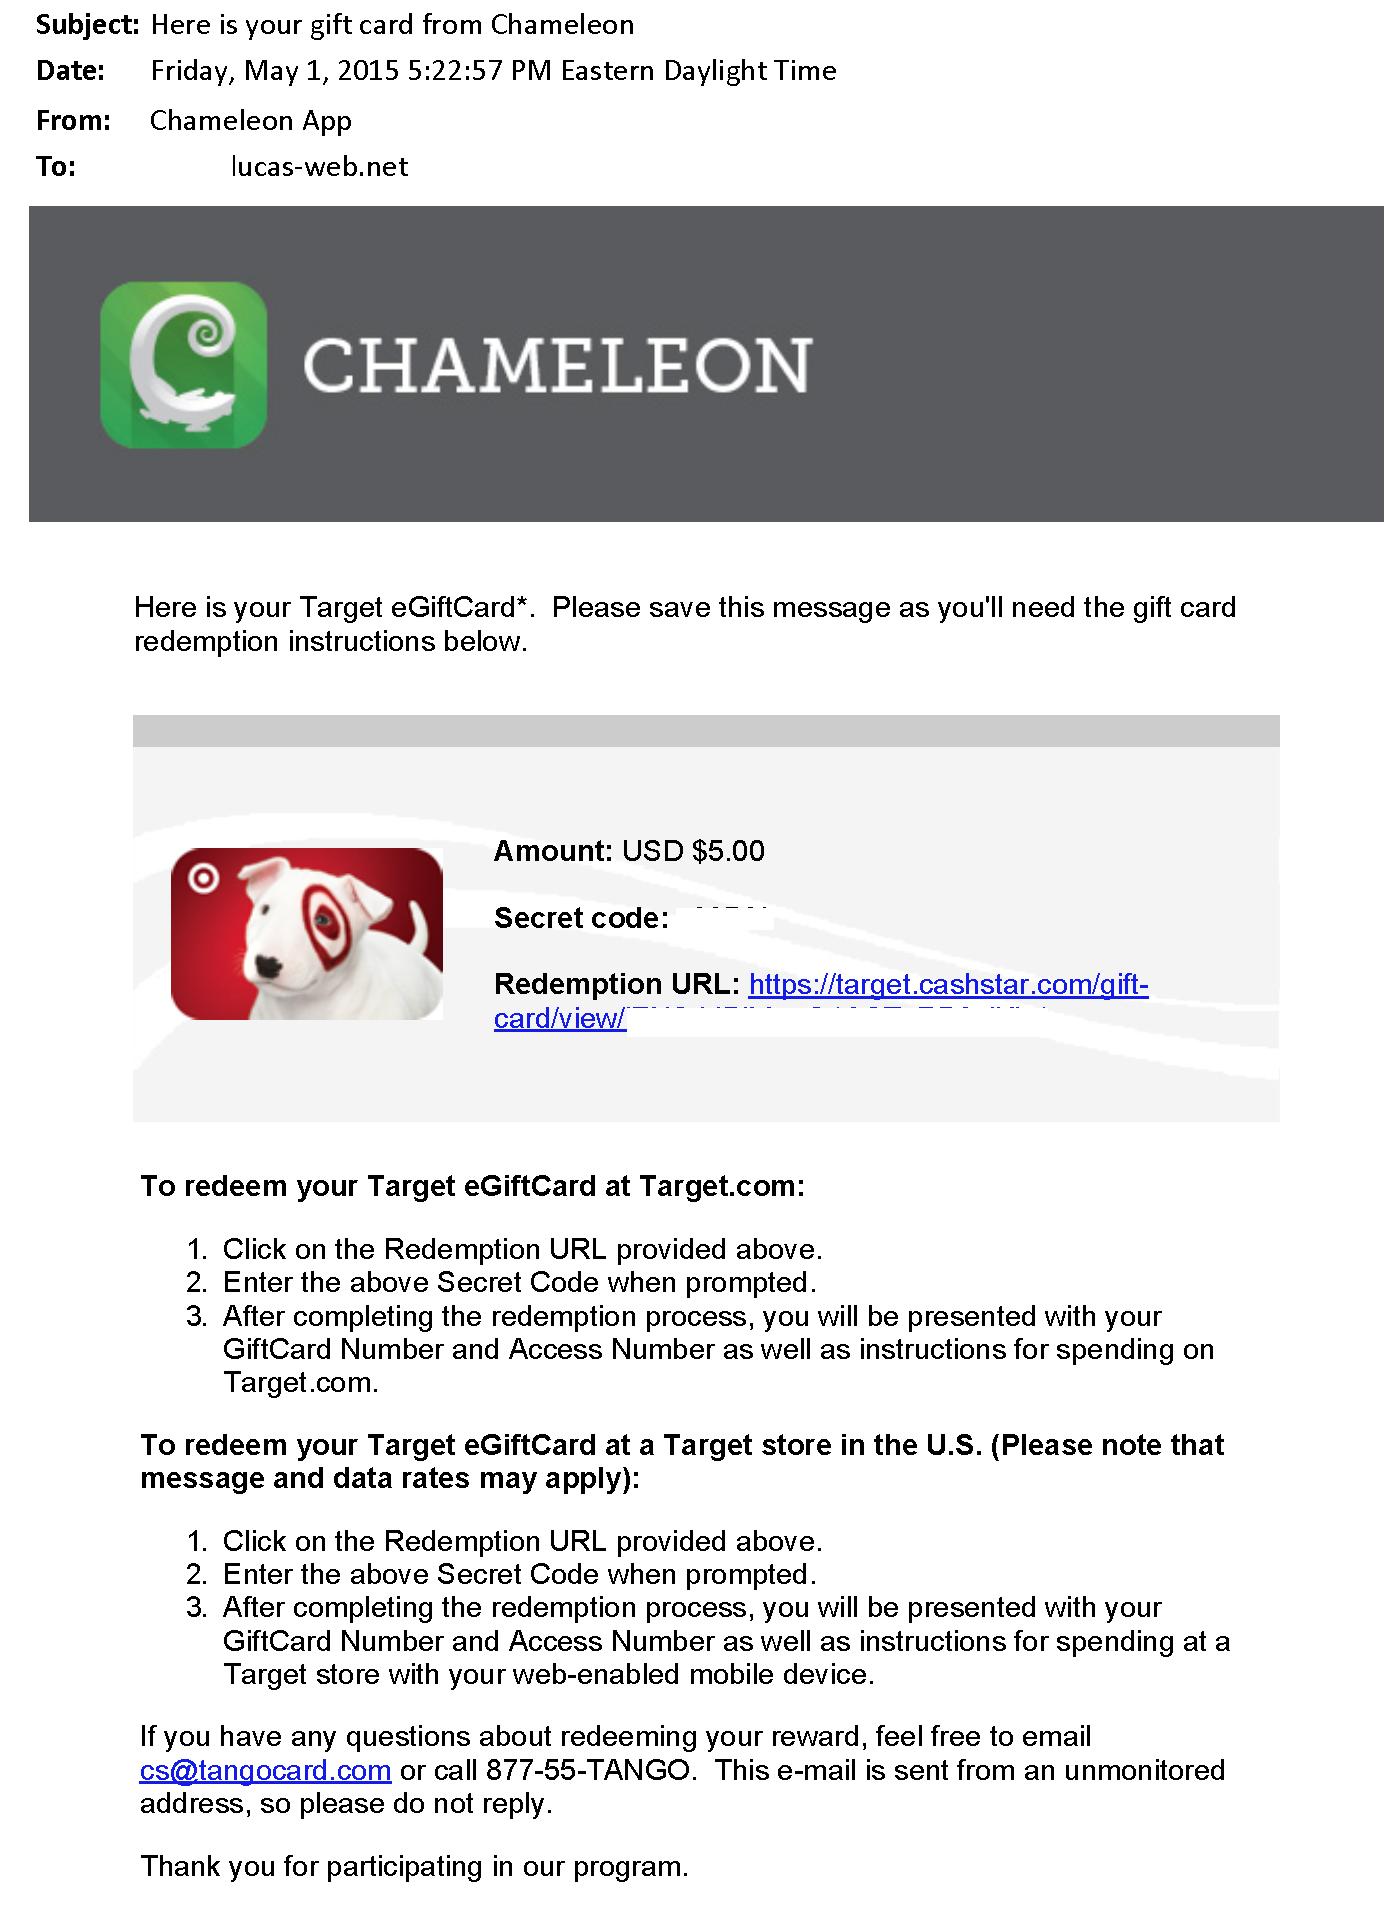 $5.00 - Chameleon - May 1, 2015